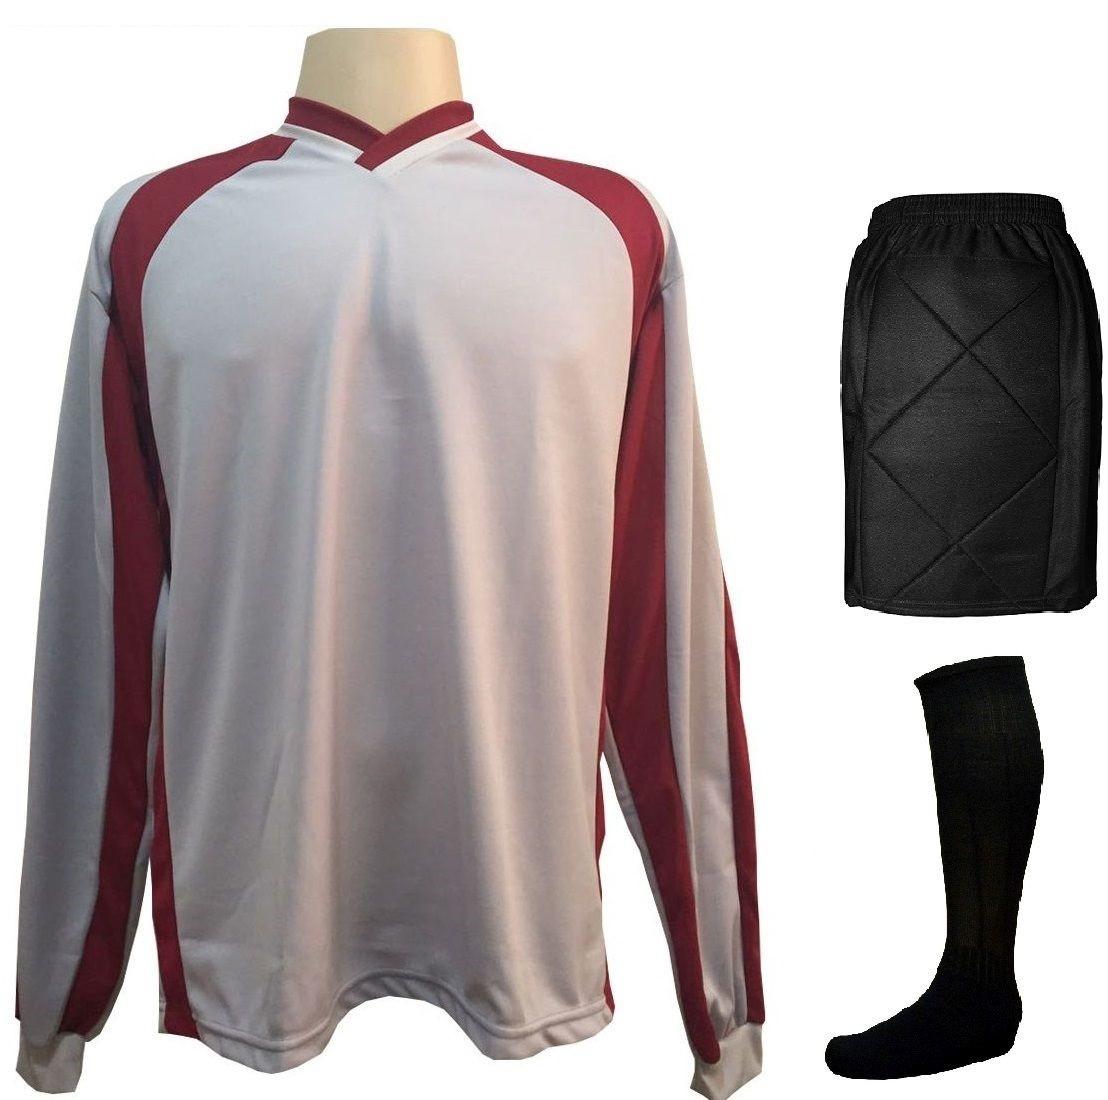 Fardamento Completo modelo City 18+2 (18 Camisas Celeste/Royal + 18 Calções Madrid Royal + 18 Pares de Meiões Royal + 2 Conjuntos de Goleiro) + Brindes